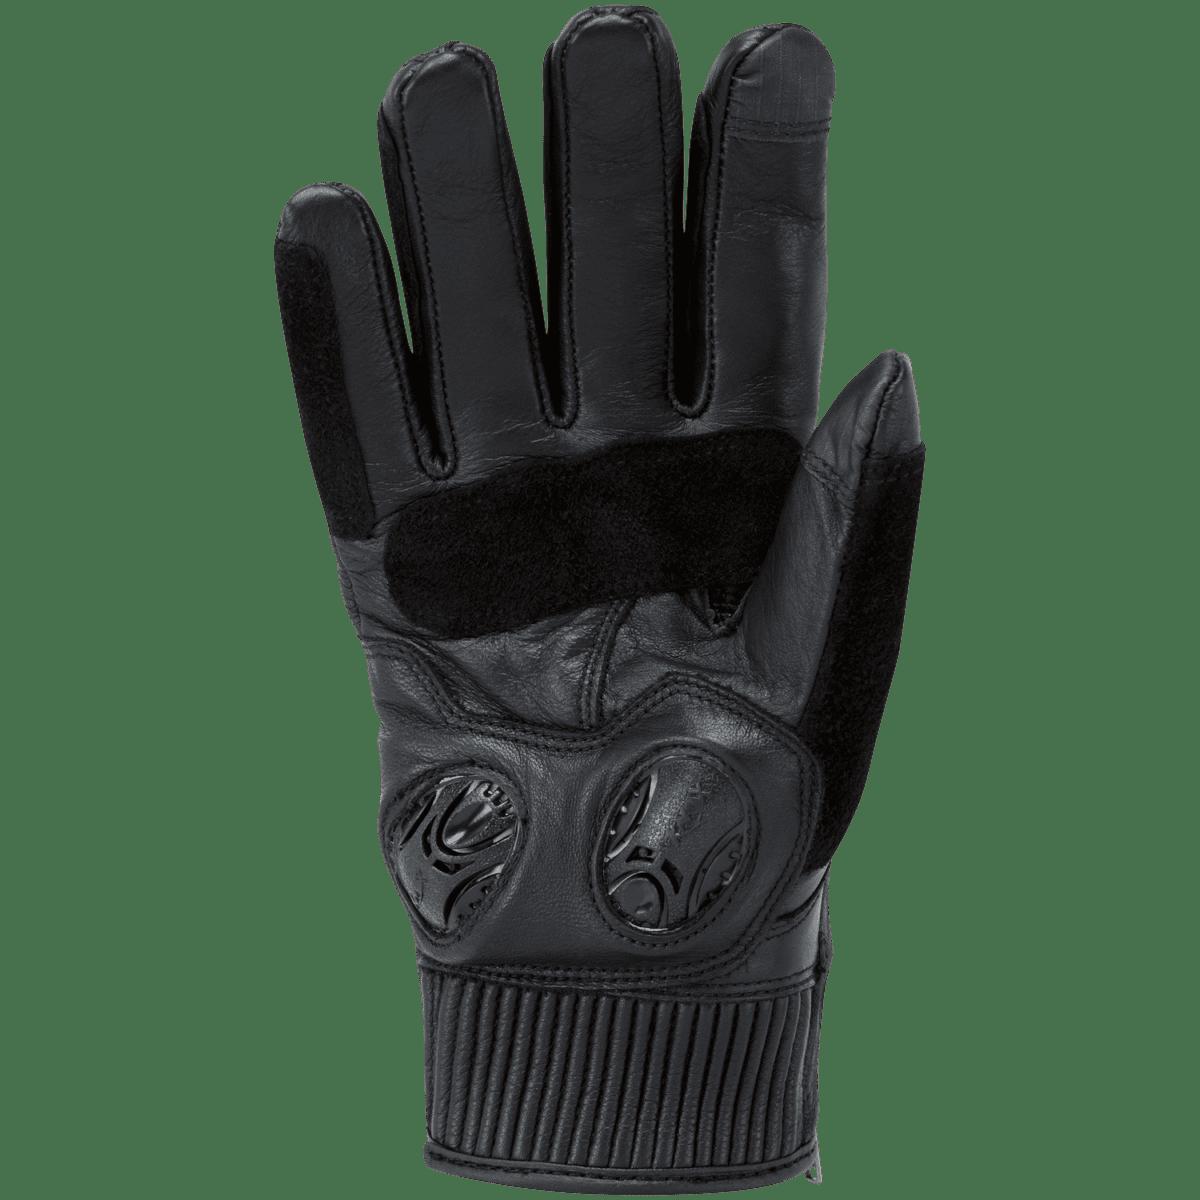 knox hadleigh gloves - palm